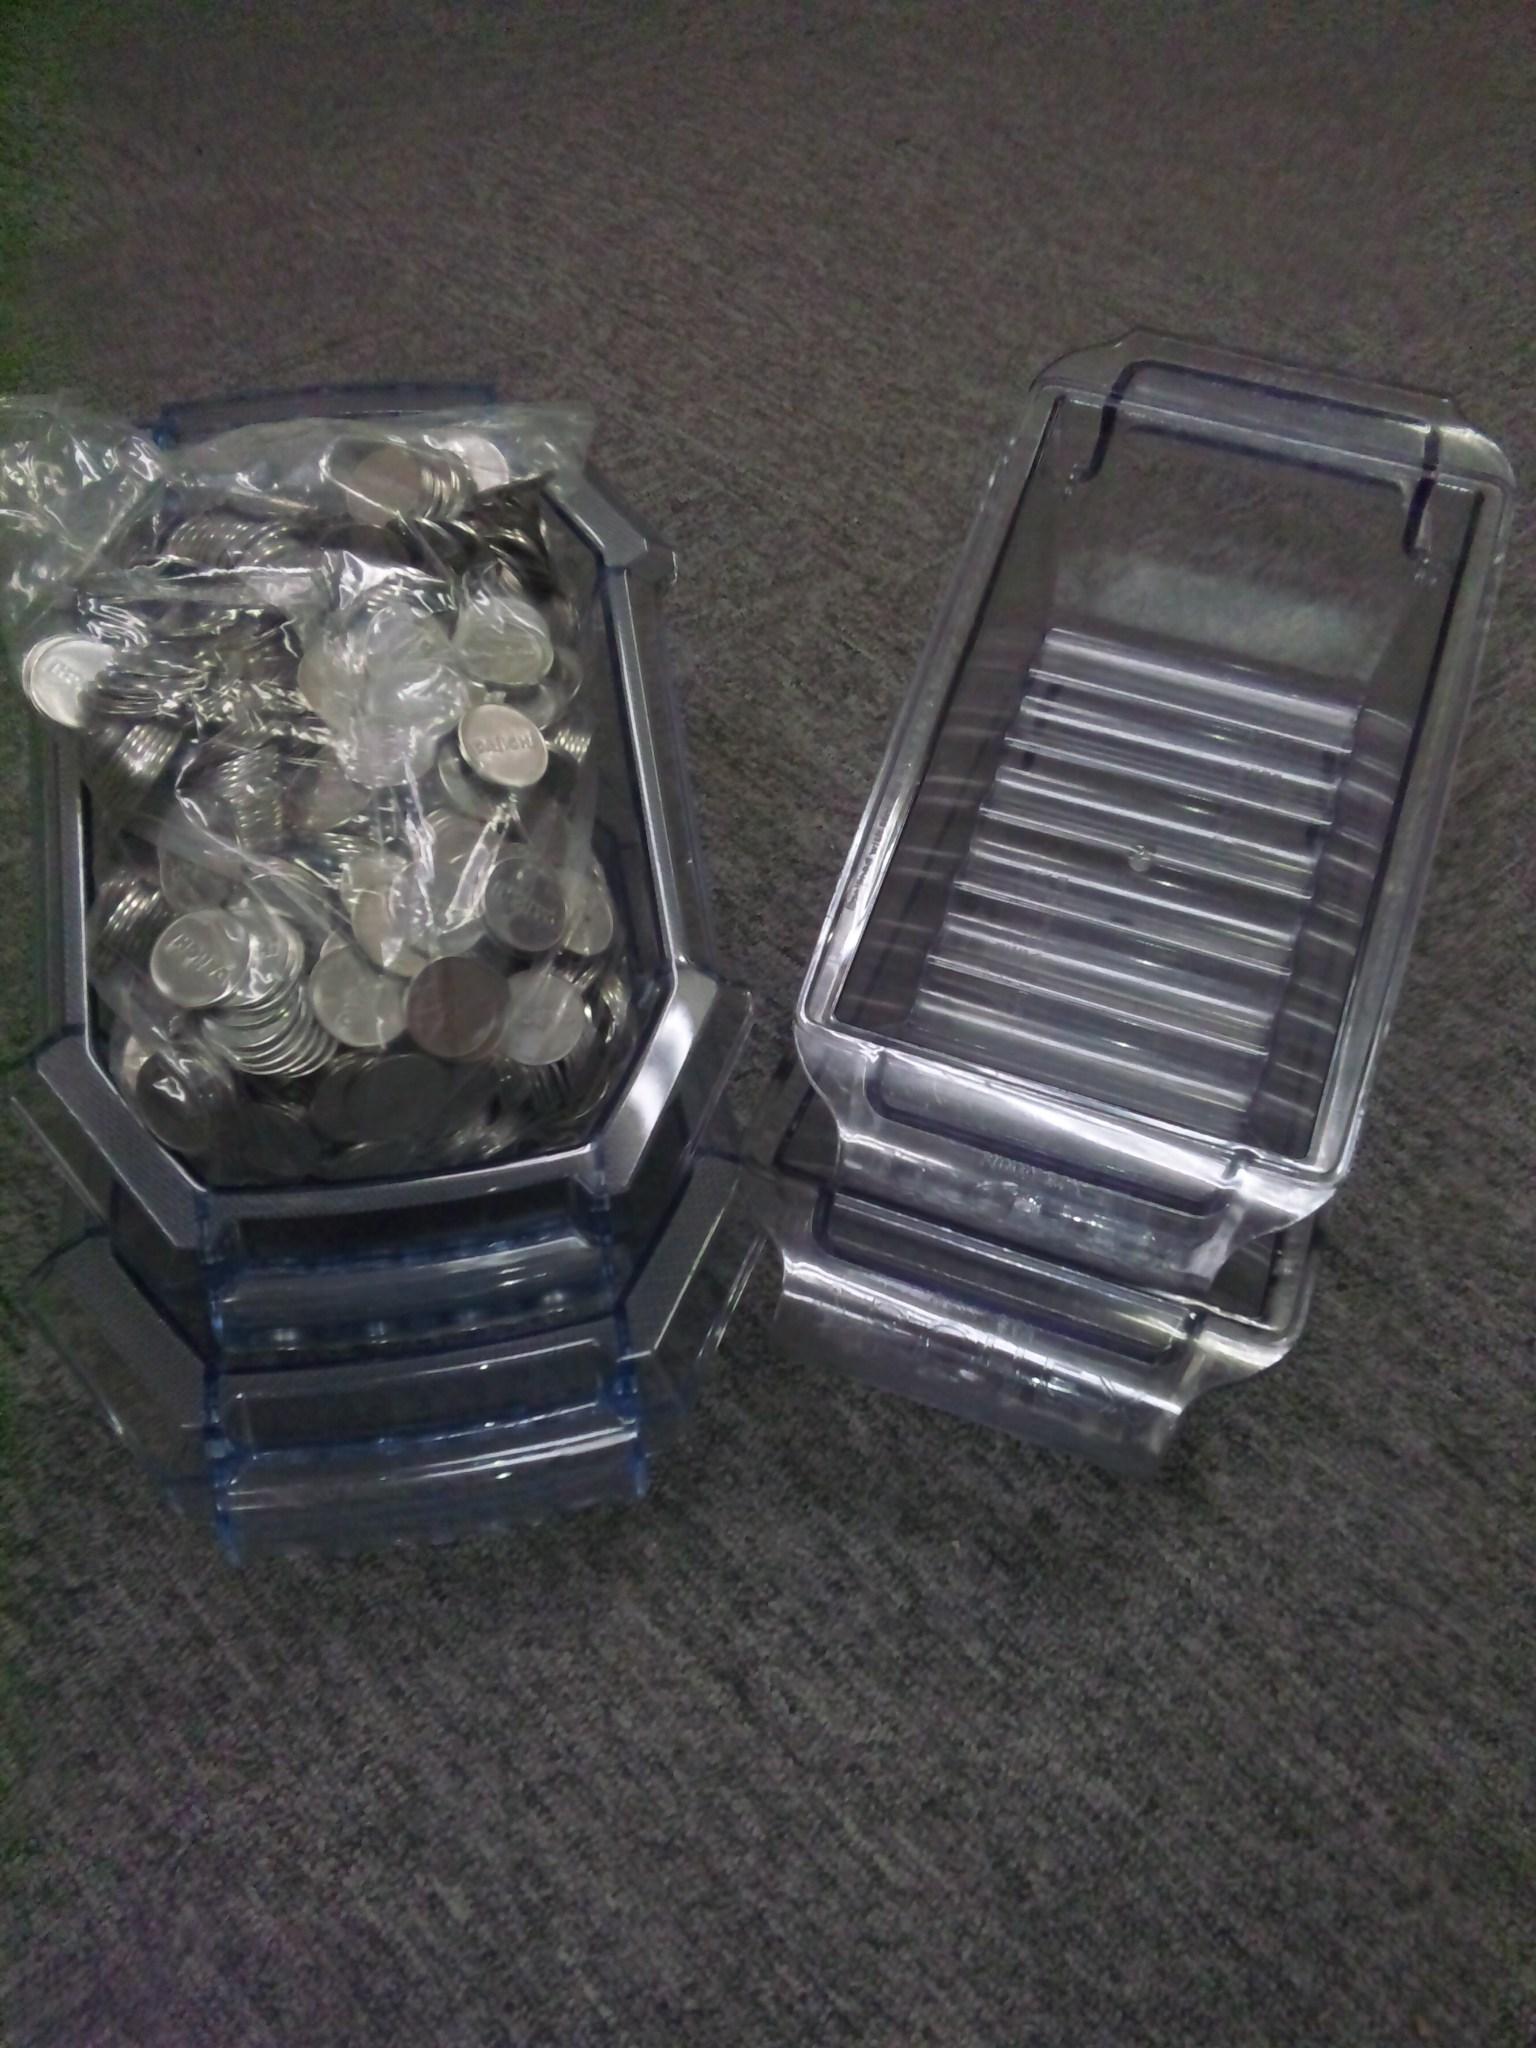 中古コイン1000枚(同一柄25パイ)ドル箱付き